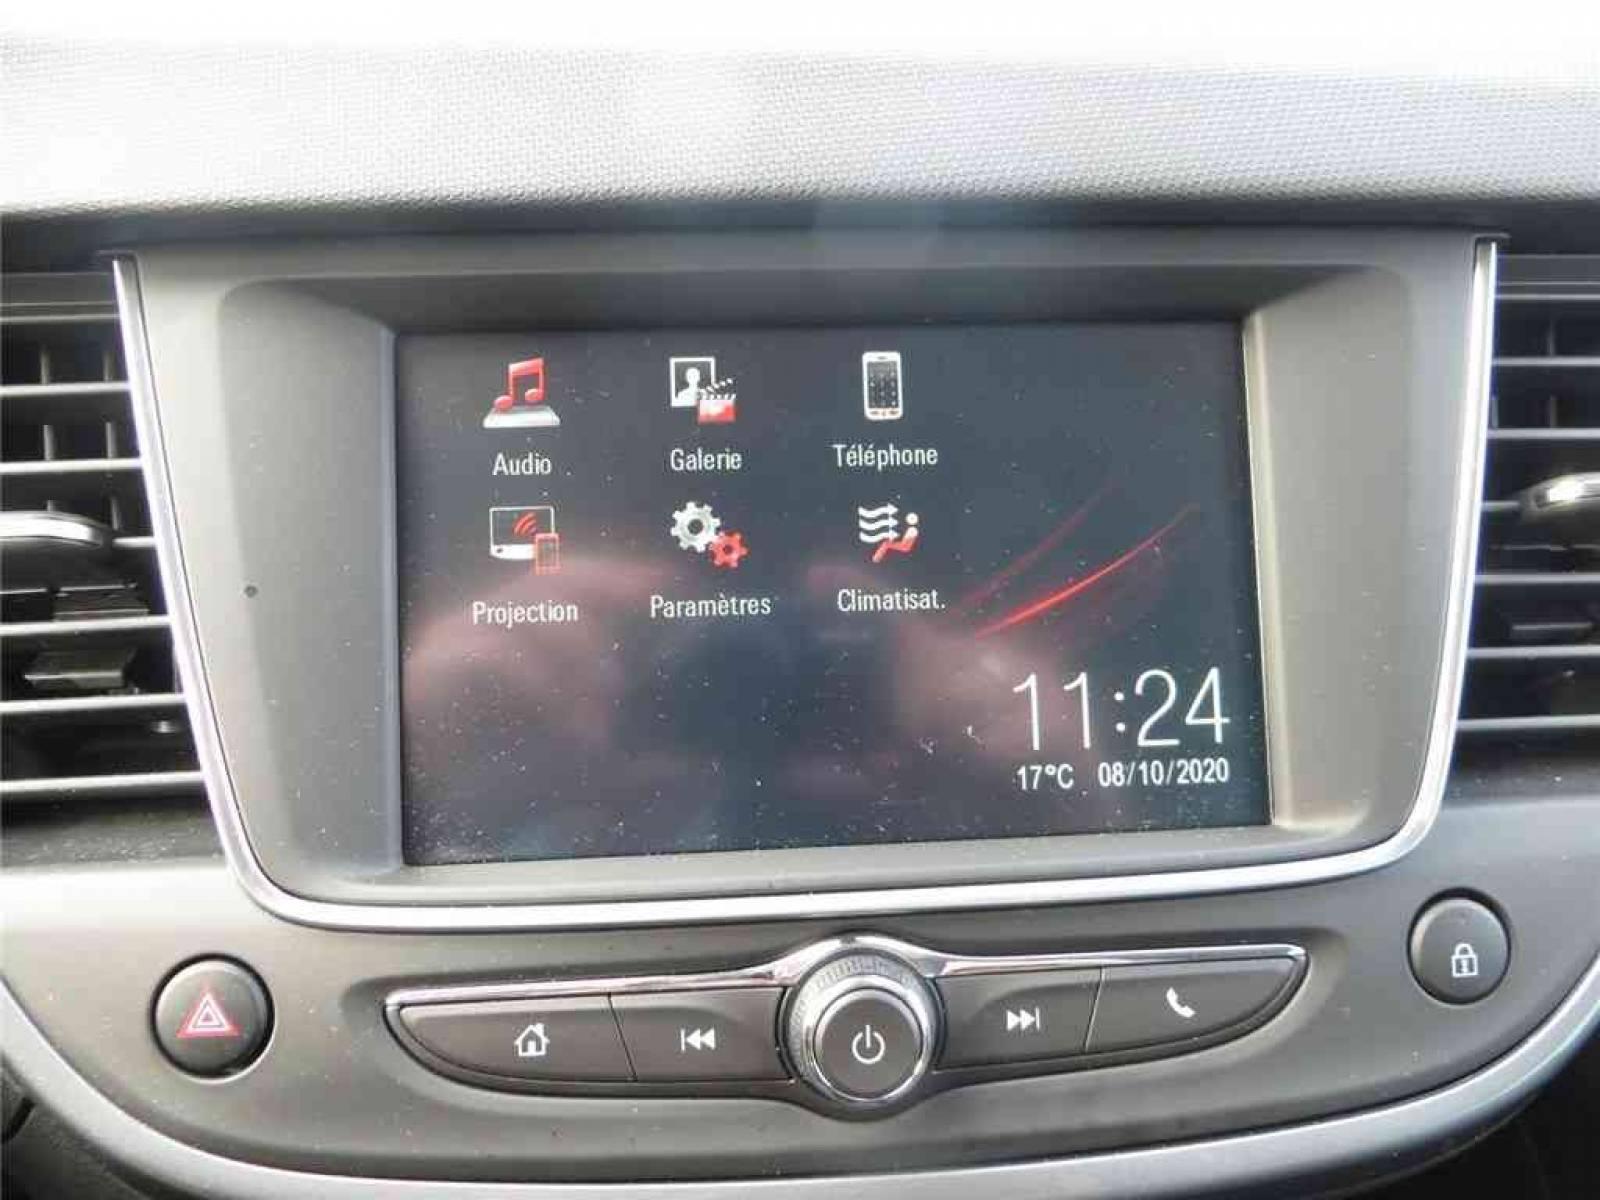 OPEL Crossland X 1.5 D 102 ch - véhicule d'occasion - Groupe Guillet - Opel Magicauto - Chalon-sur-Saône - 71380 - Saint-Marcel - 21